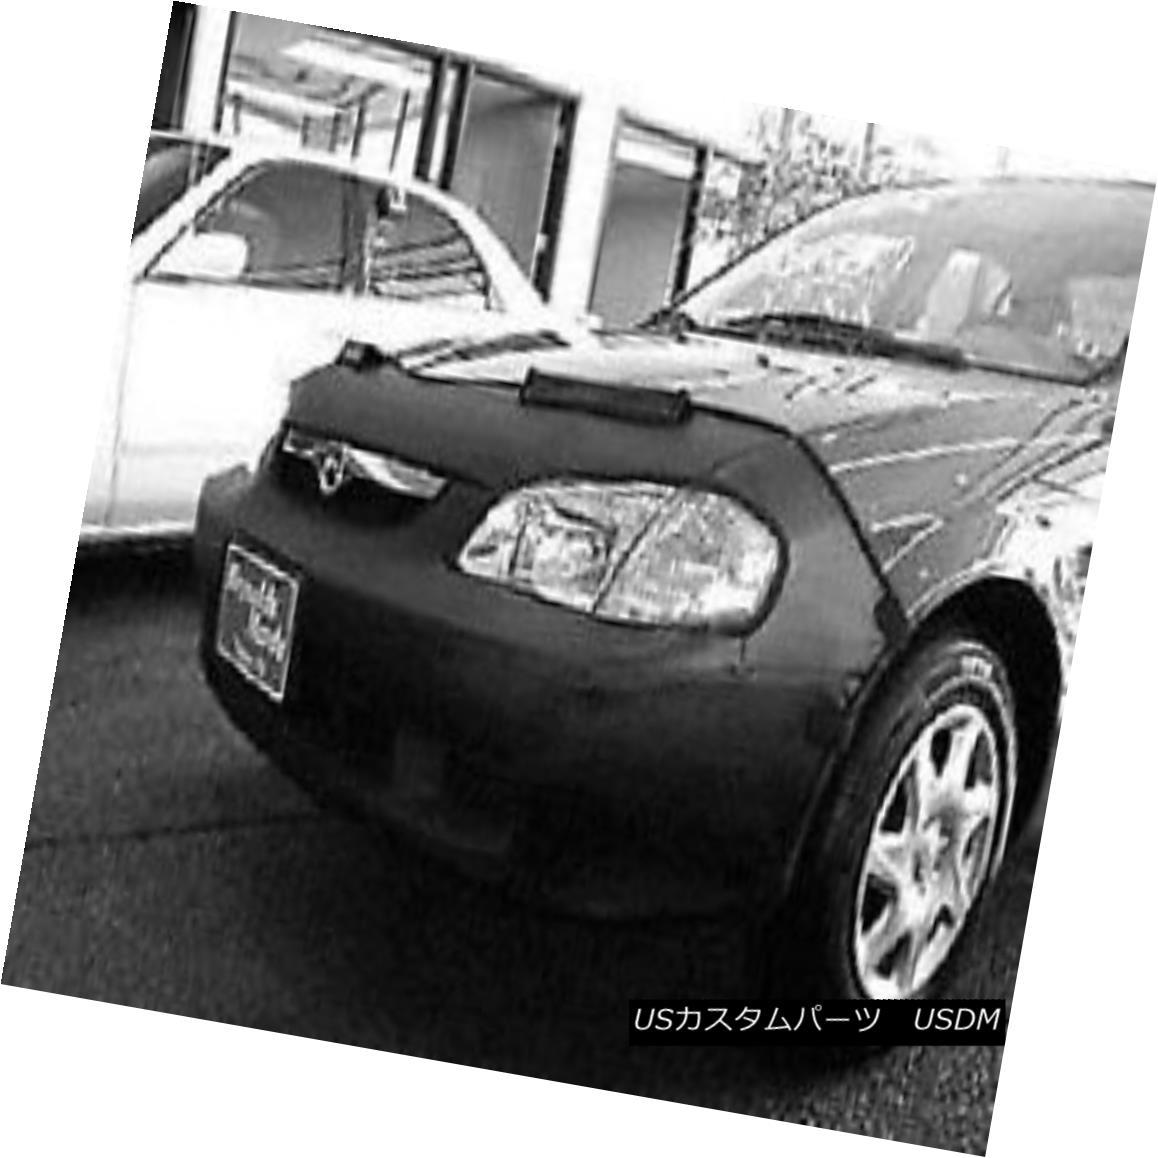 フルブラ ノーズブラ Front End Mask Car Bra Fits 1999 2000 99 00 MAZDA PROTEGE フロントエンドマスクカーブラフィット1999 2000 99 00 MAZDA PROTEGE